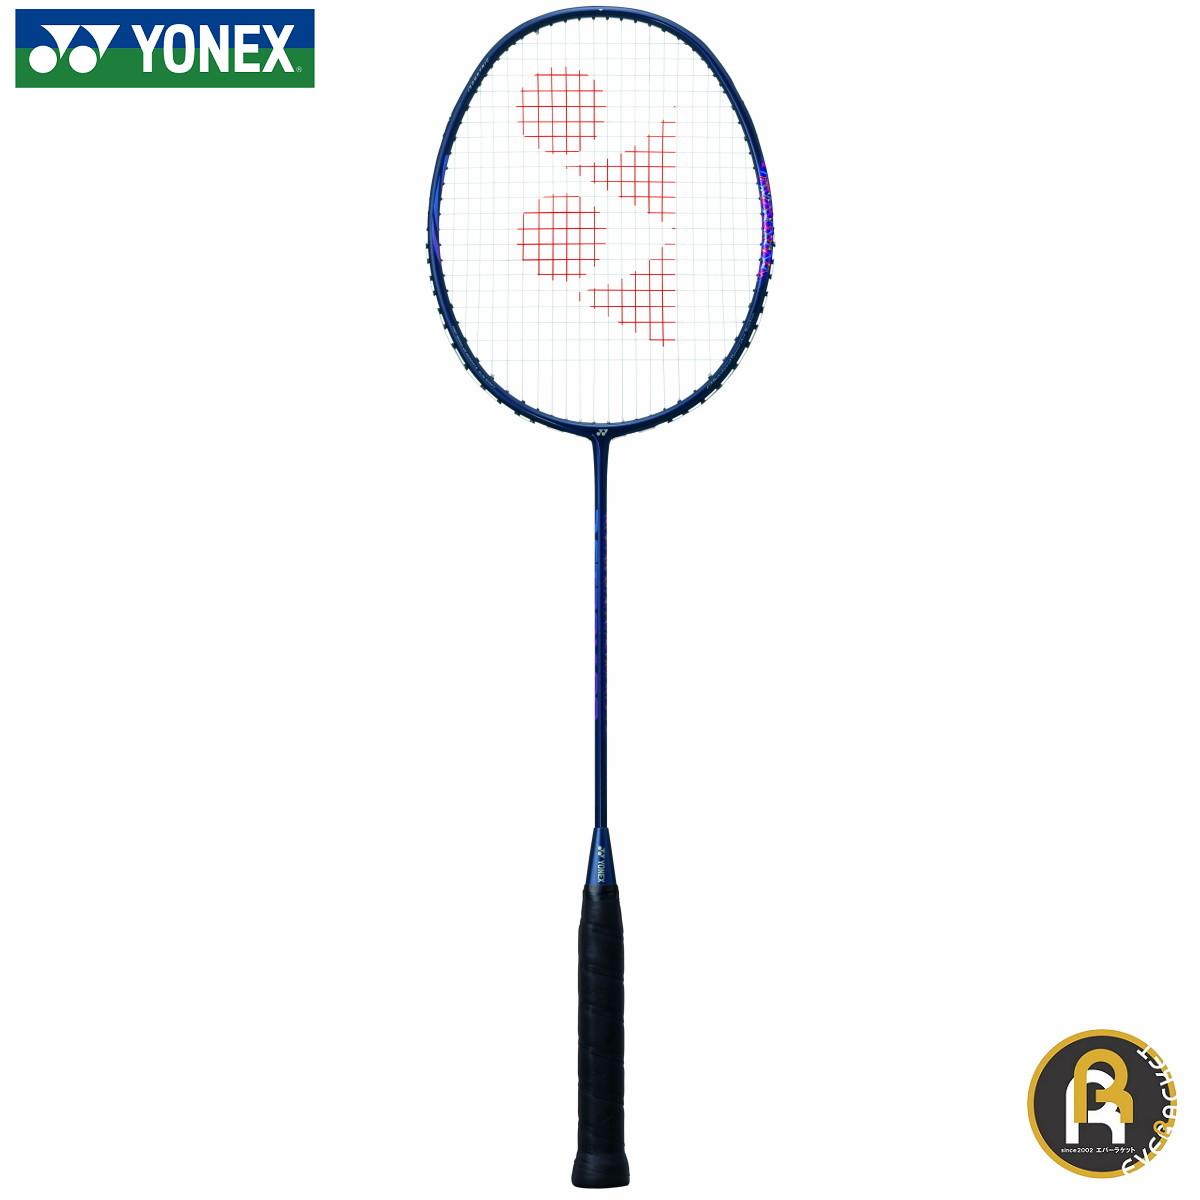 ヨネックス YONEX バドミントンラケット アストロクス00 AX00 バドミントン